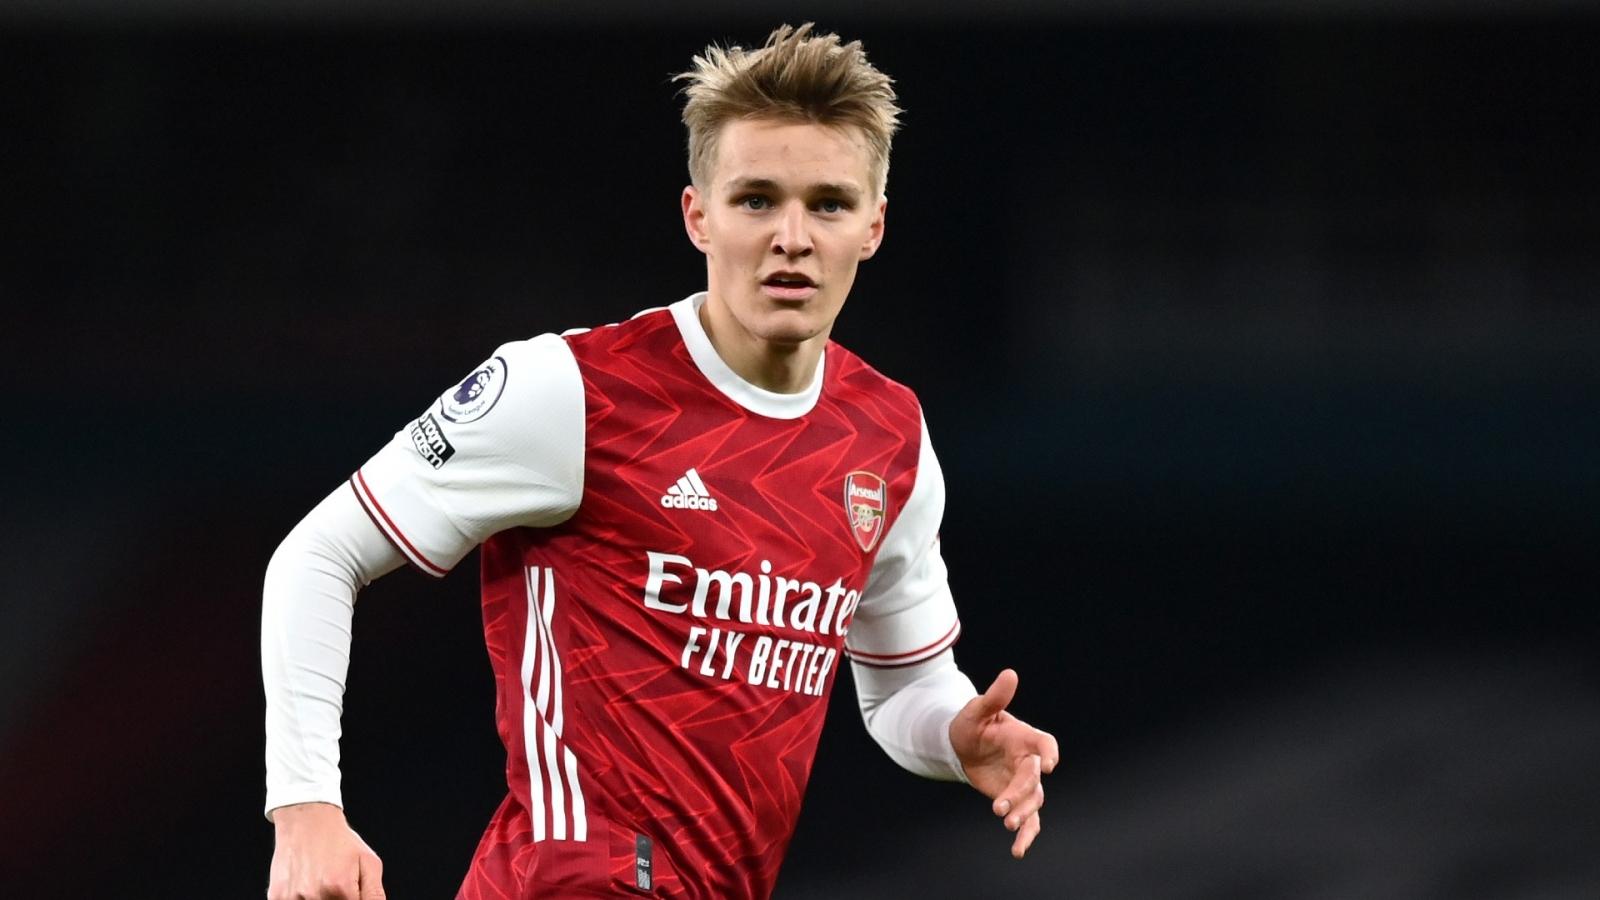 Điểm danh 5 cầu thủđủ sức thay thế Odegaard tại Arsenal